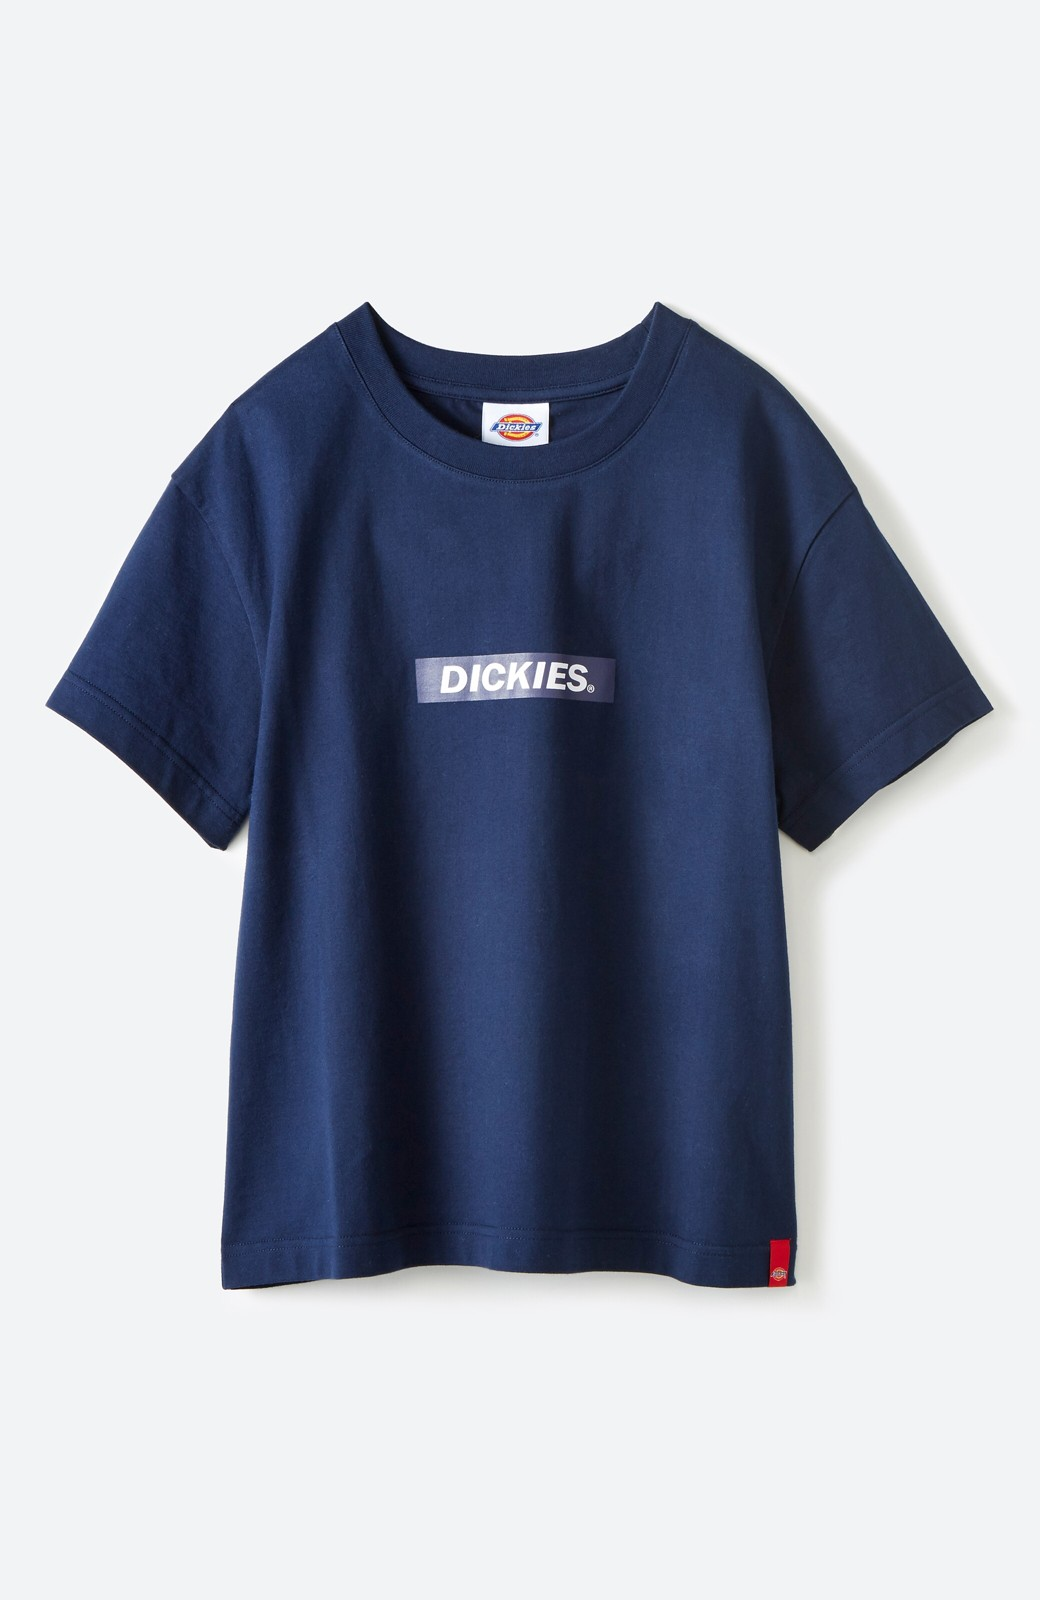 haco! Dickies 別注 ワイドボトムスと相性がいいボックスロゴTシャツ <ネイビー>の商品写真1